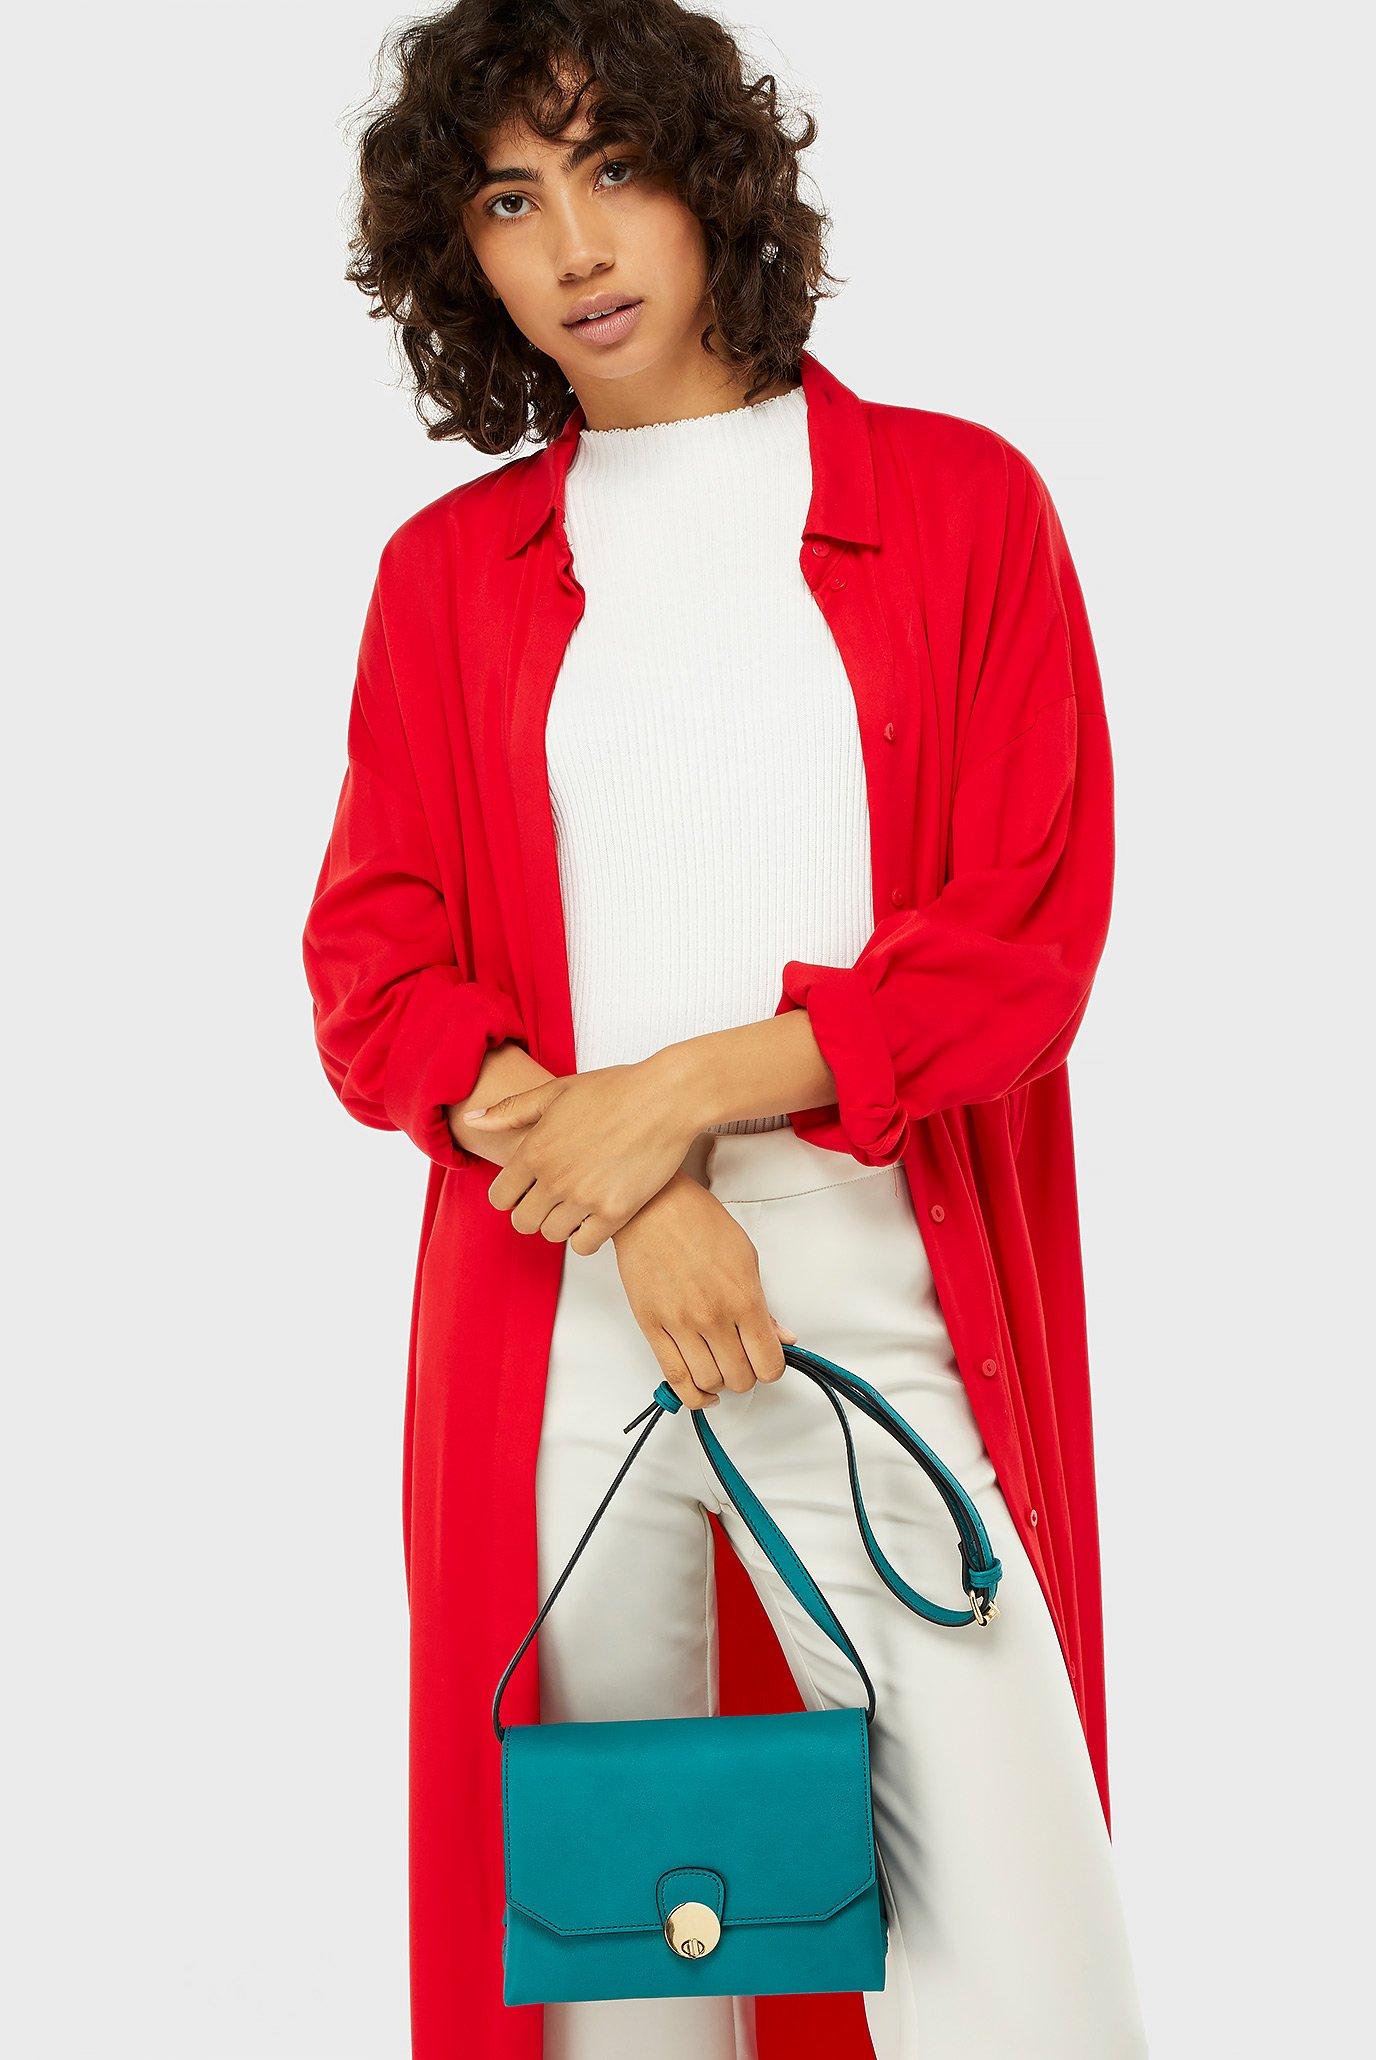 Купить Женская бирюзовая сумка через плечо FF AMIE XBODY Accessorize Accessorize 590438 – Киев, Украина. Цены в интернет магазине MD Fashion